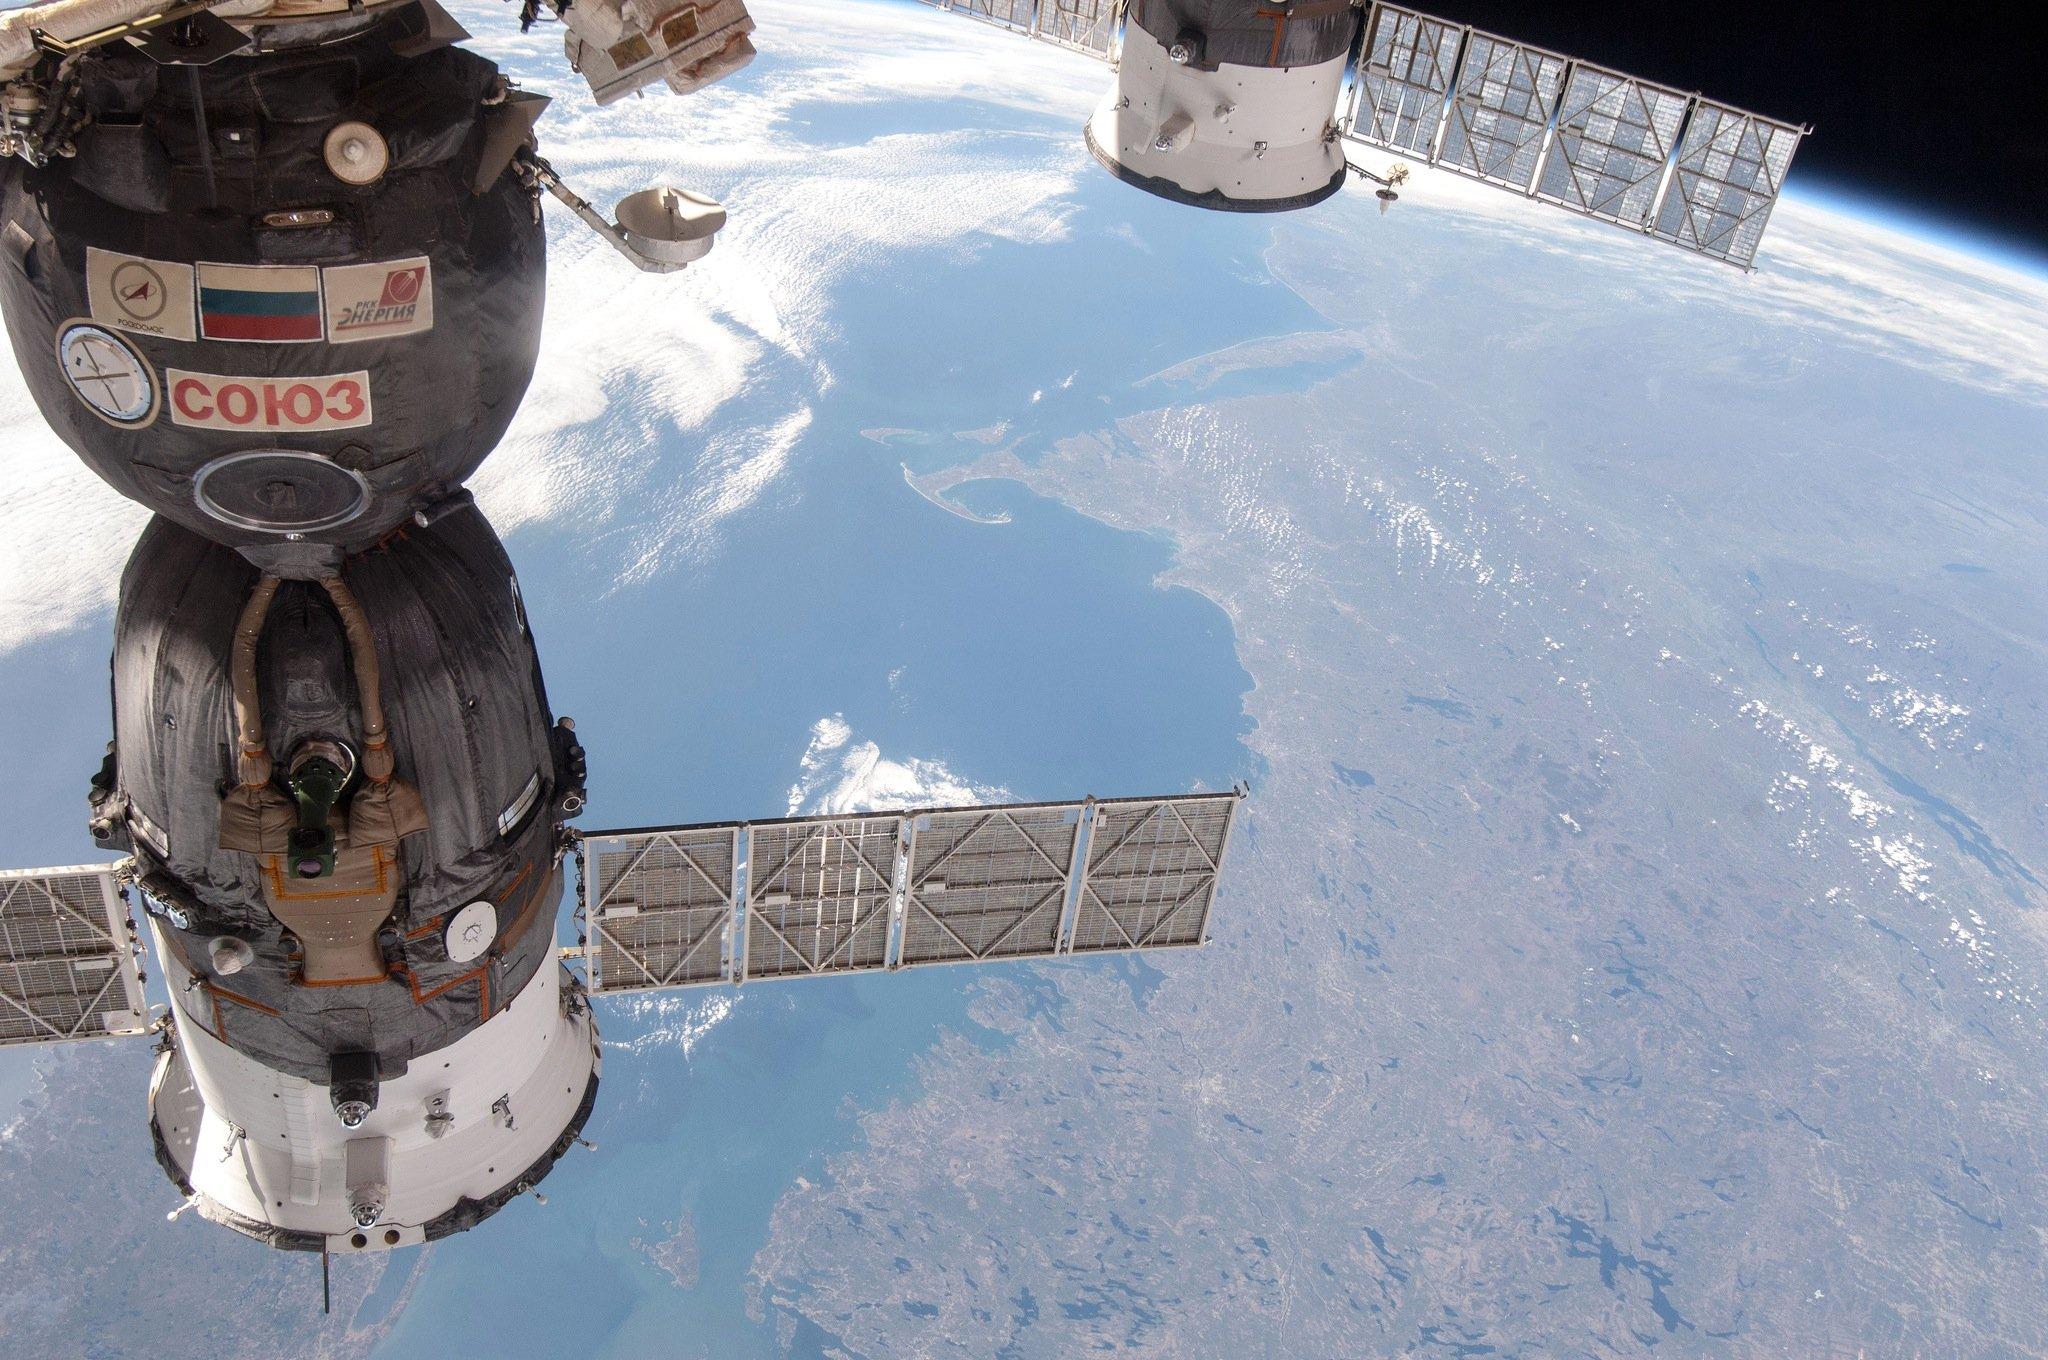 Eine an der ISS angekoppelte Sojus-Kapsel: Die Russen versorgen die ISS laufend mit Material. Diesmal ging der Transport mit einer Progress-Kapsel M-27M schief.